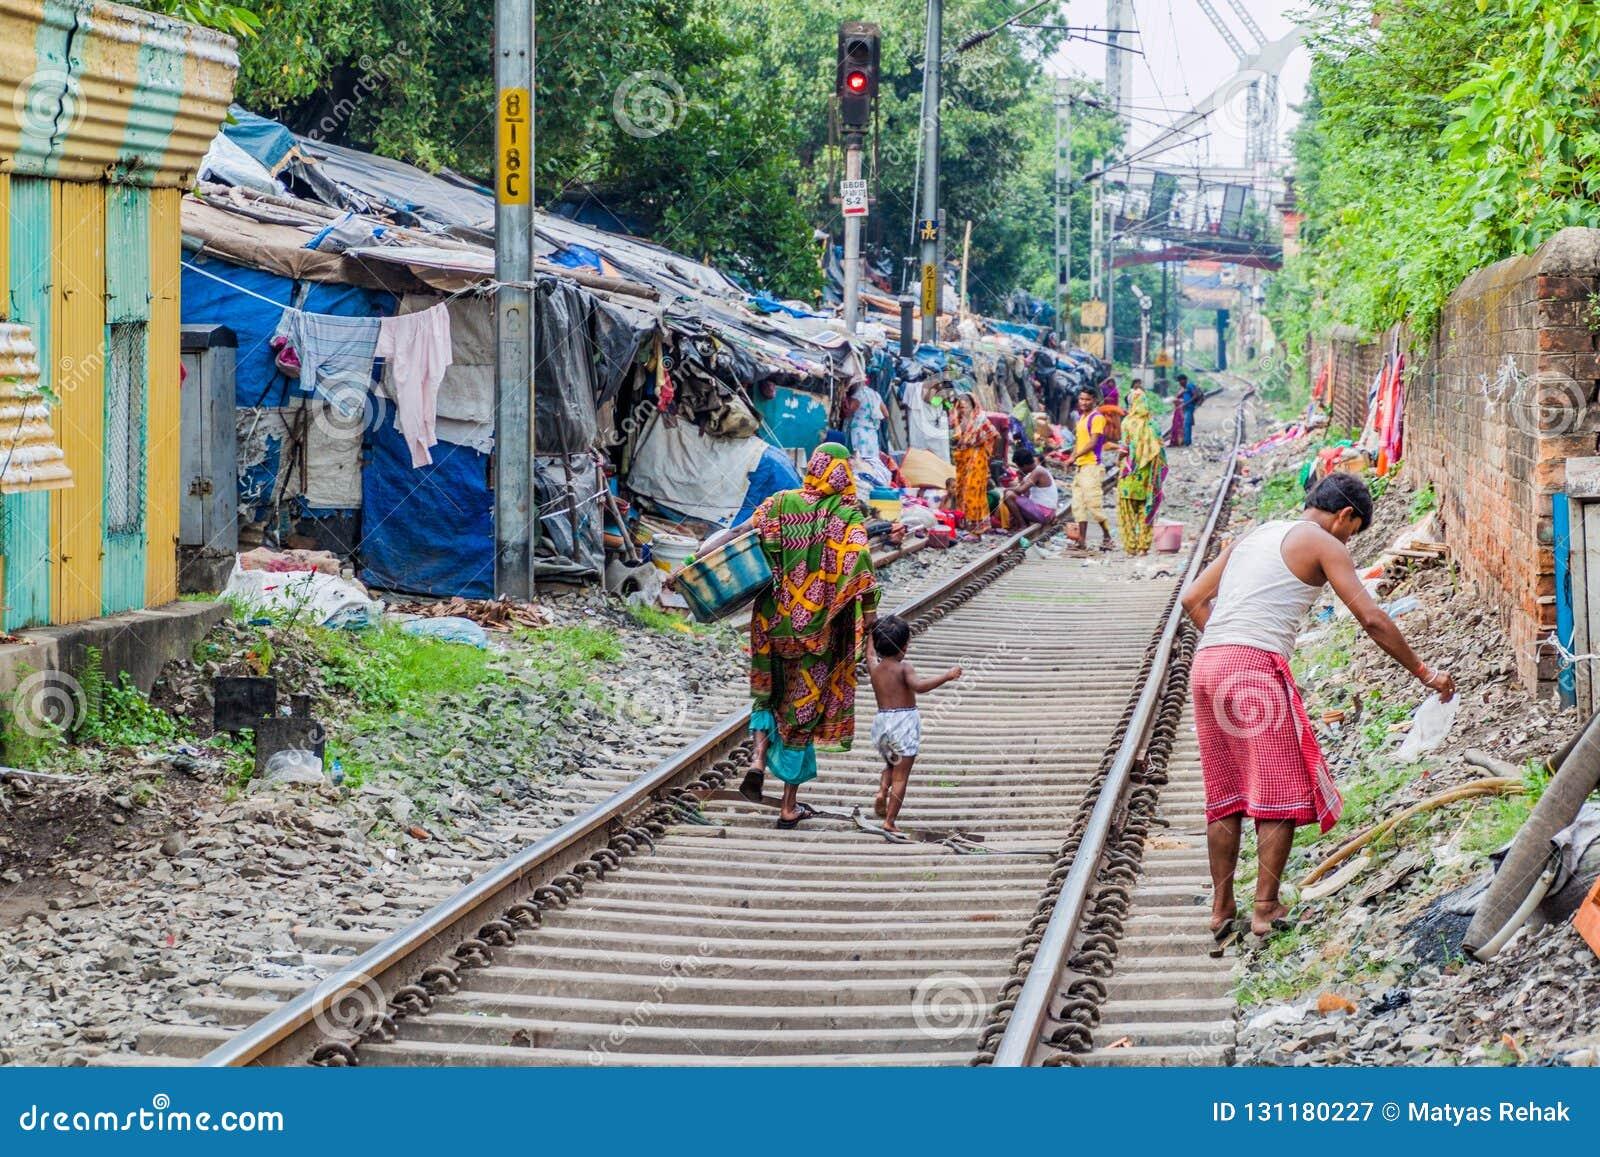 KOLKATA, INDIA - OKTOBER 31, 2016: Spoorwegspoor en een krottenwijk in het centrum van Kolkata, Ind.